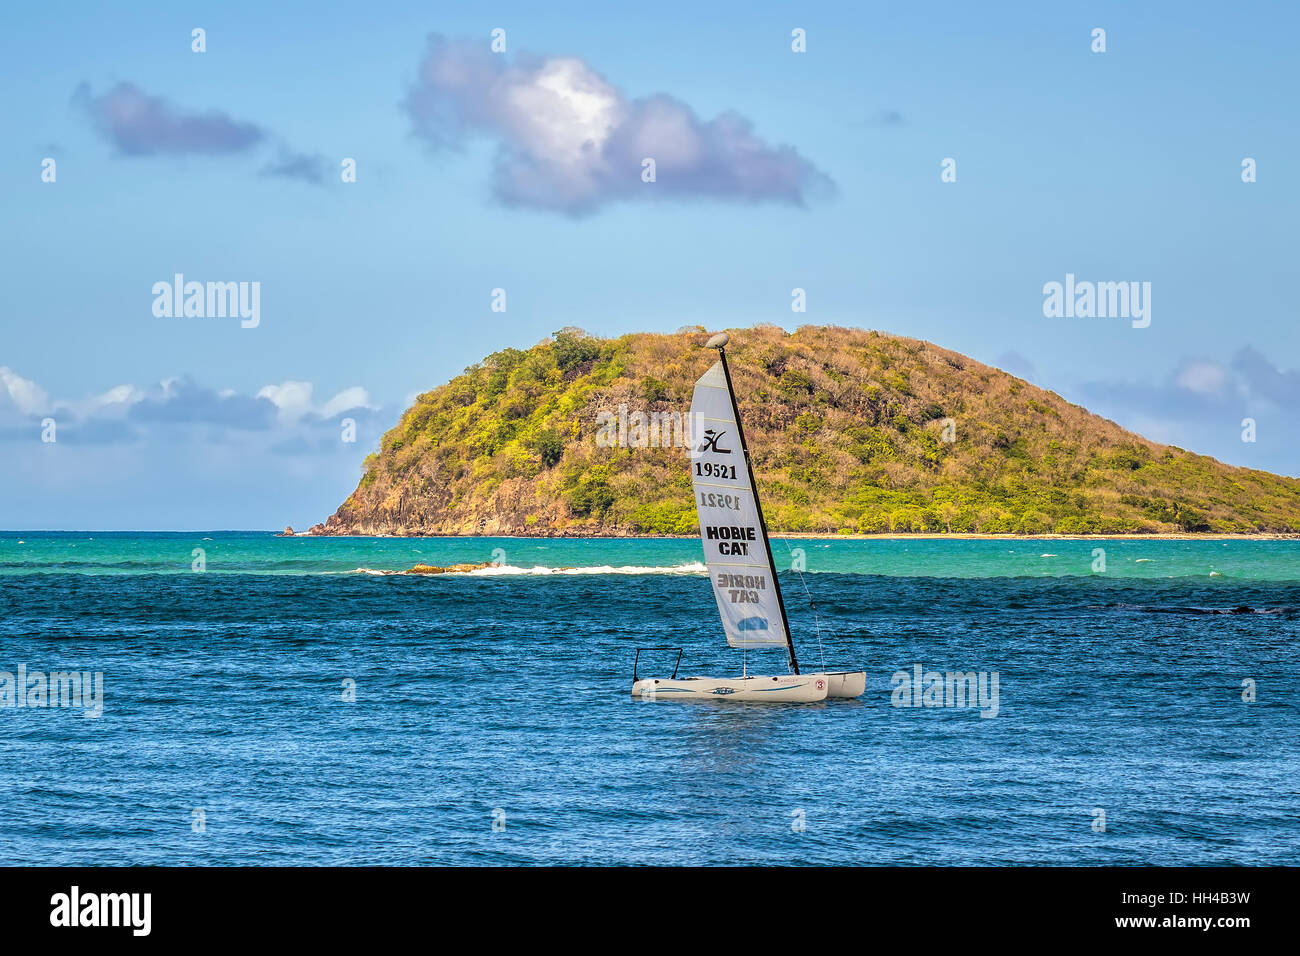 Petite île au large de la Guadeloupe Antilles Photo Stock